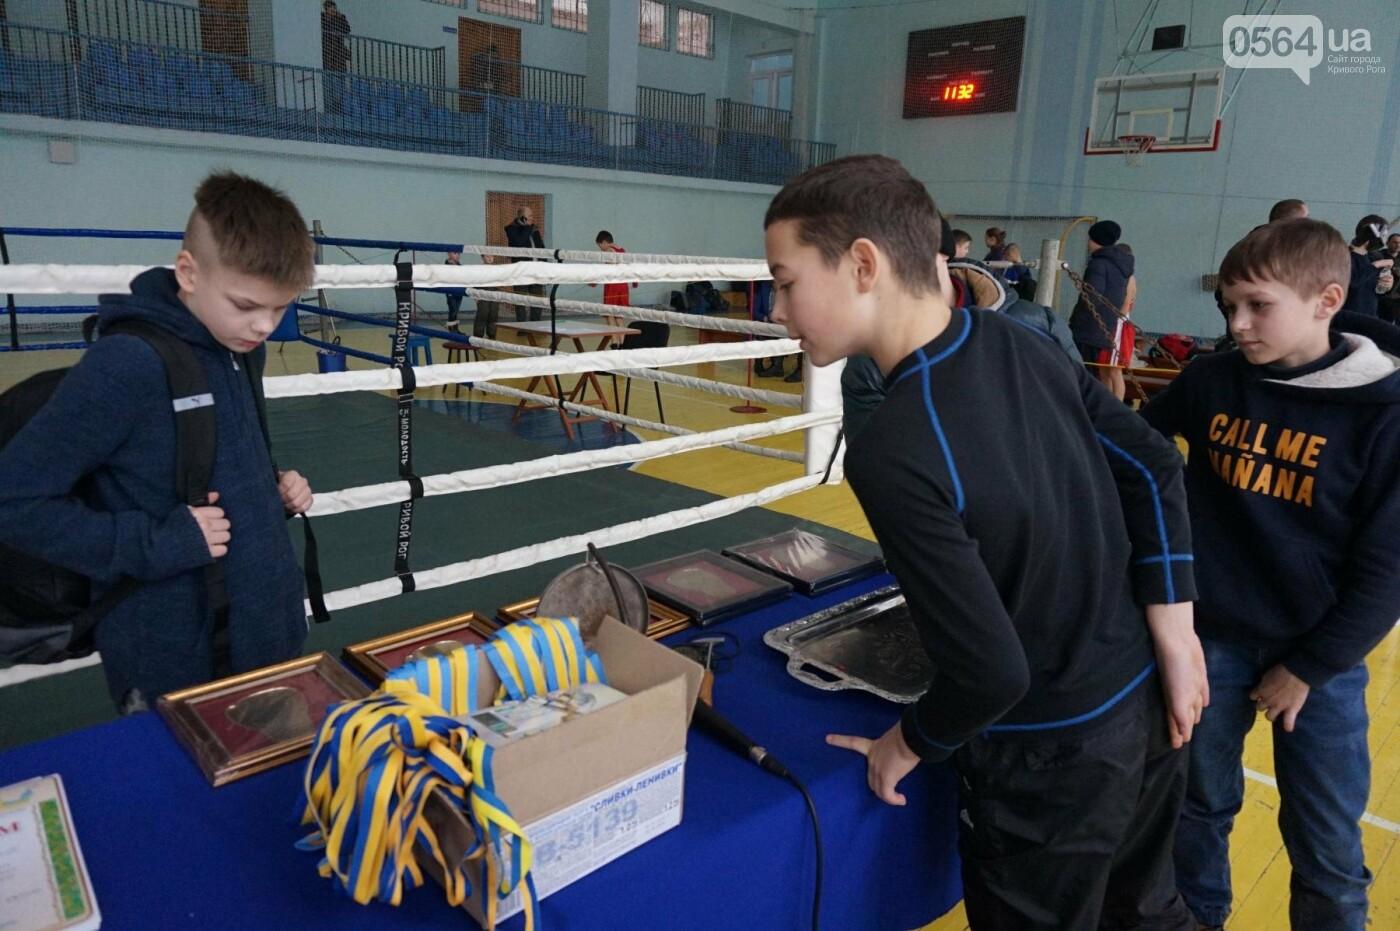 В Кривом Роге состоялся Международный турнир по боксу (ФОТО, ВИДЕО), фото-45